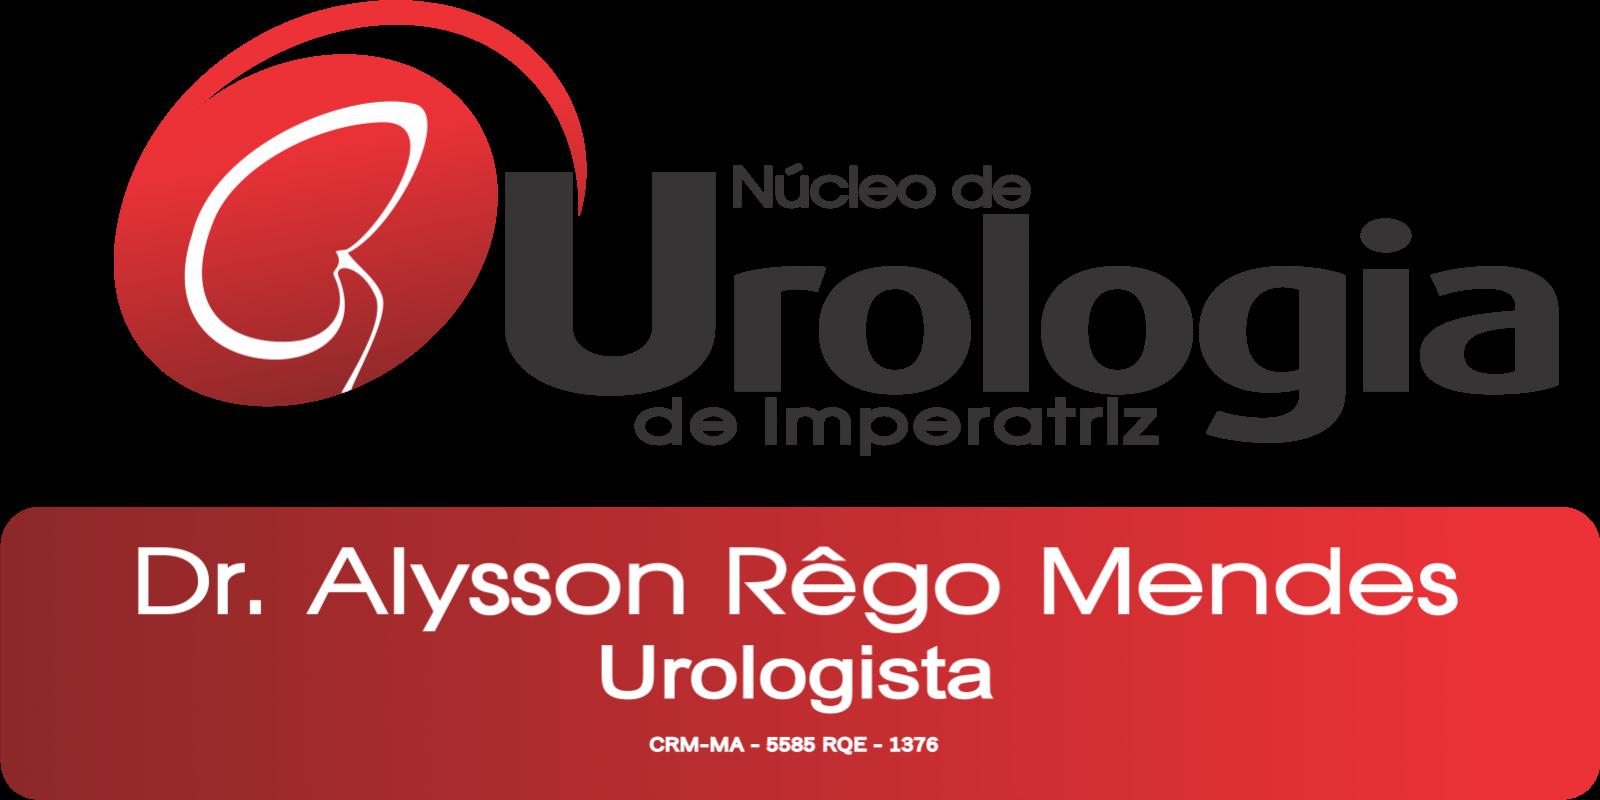 NUI - Núcleo de Urologia de Imperatriz